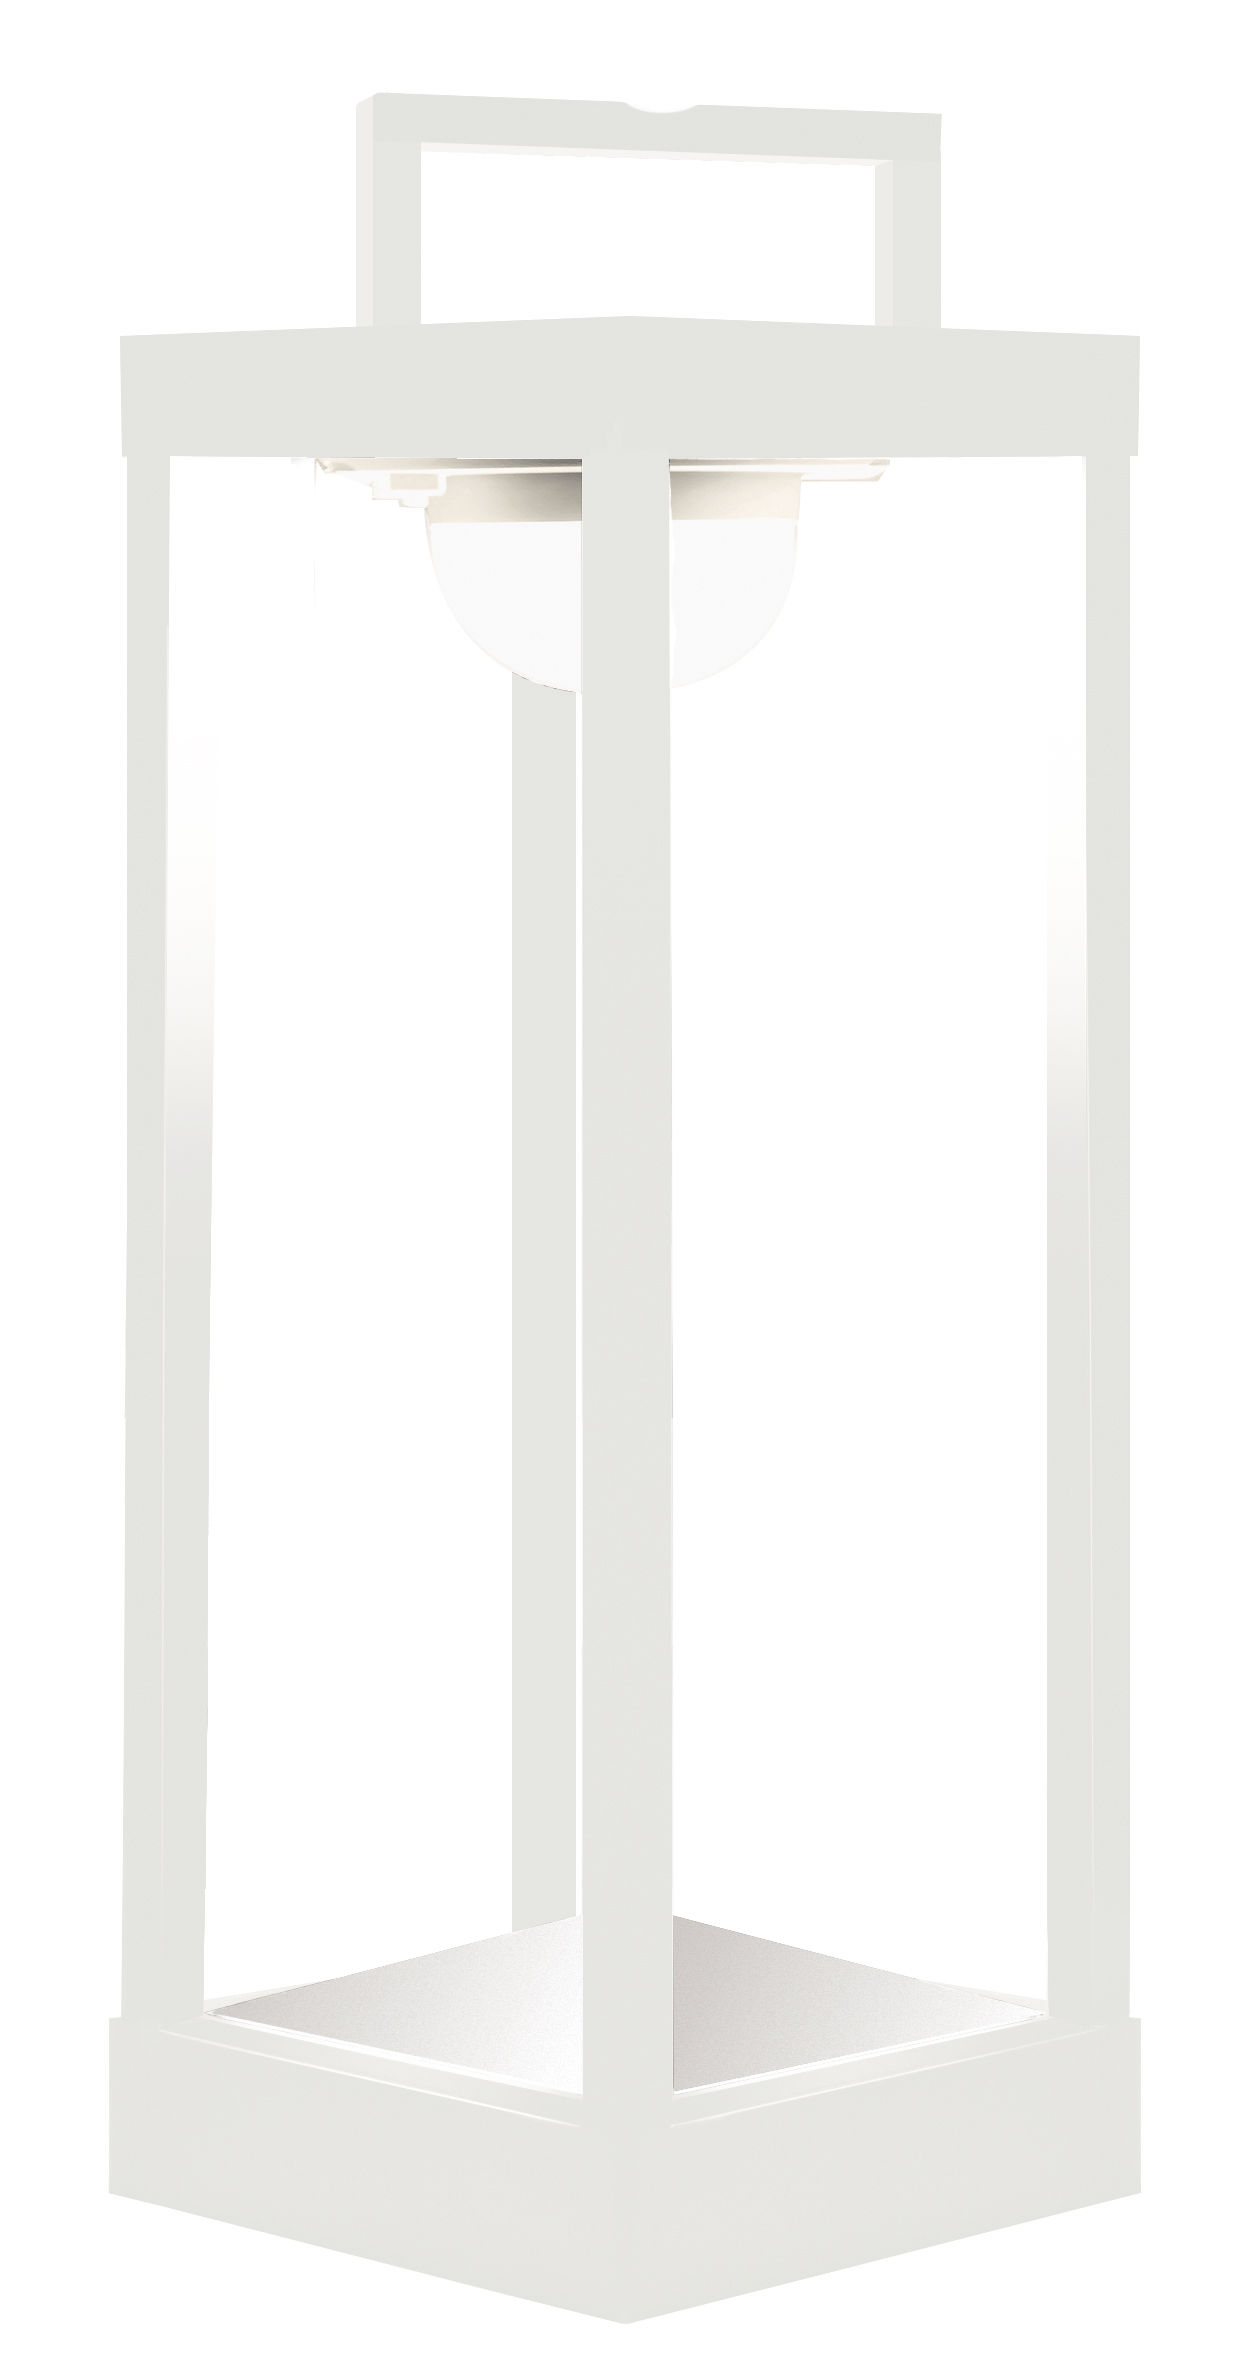 Luminaire - Lampes de table - Lampe solaire La Lampe Parc L LED / Sans fil - Dock USB - H 50 cm - Maiori - Blanc - Aluminium, Verre